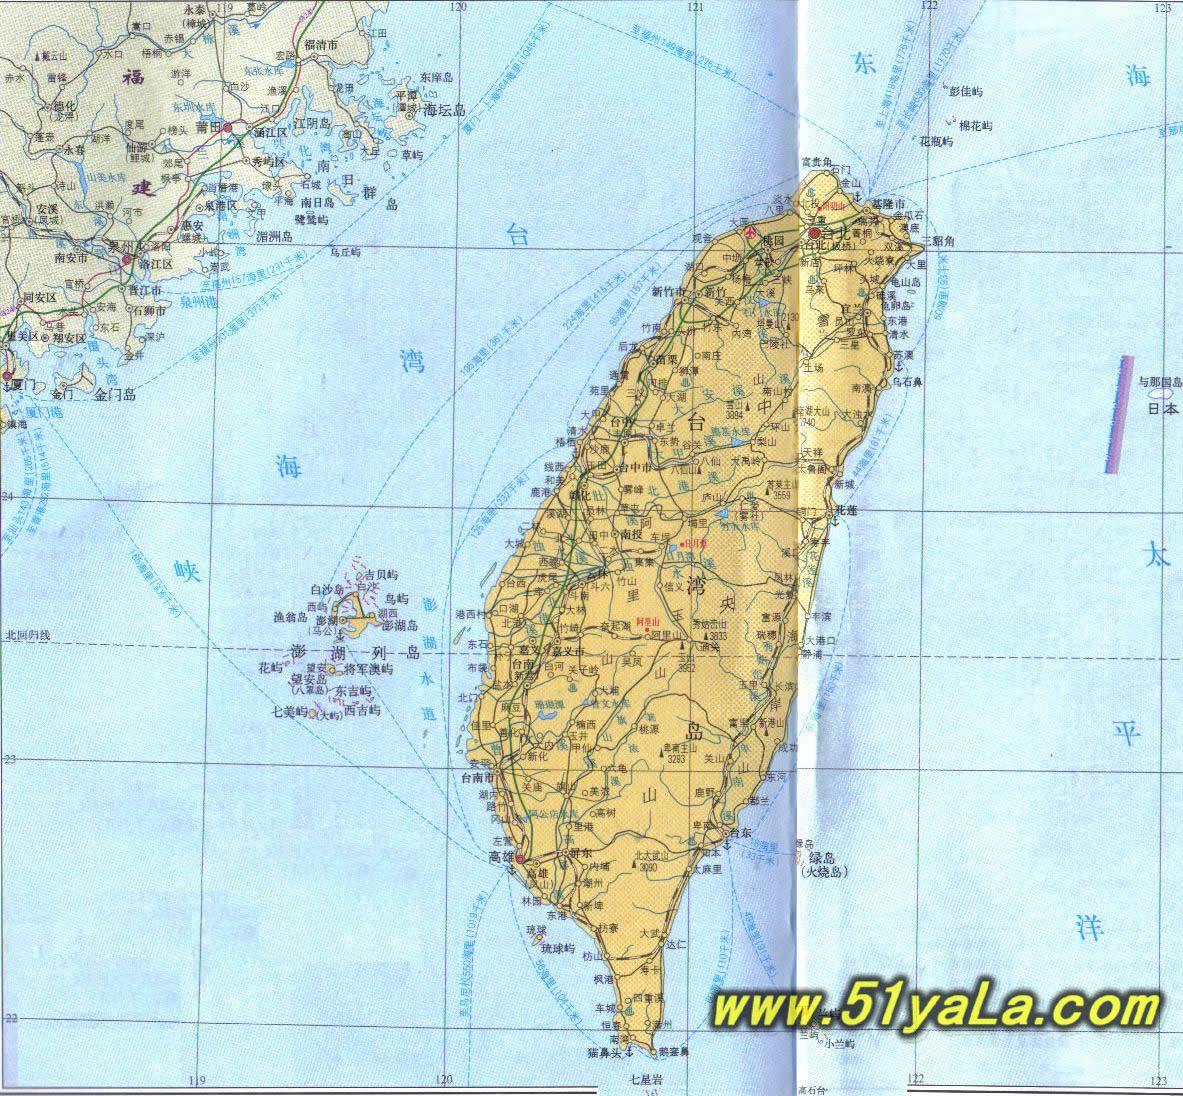 台湾旅游地图介绍 台湾旅游地图网